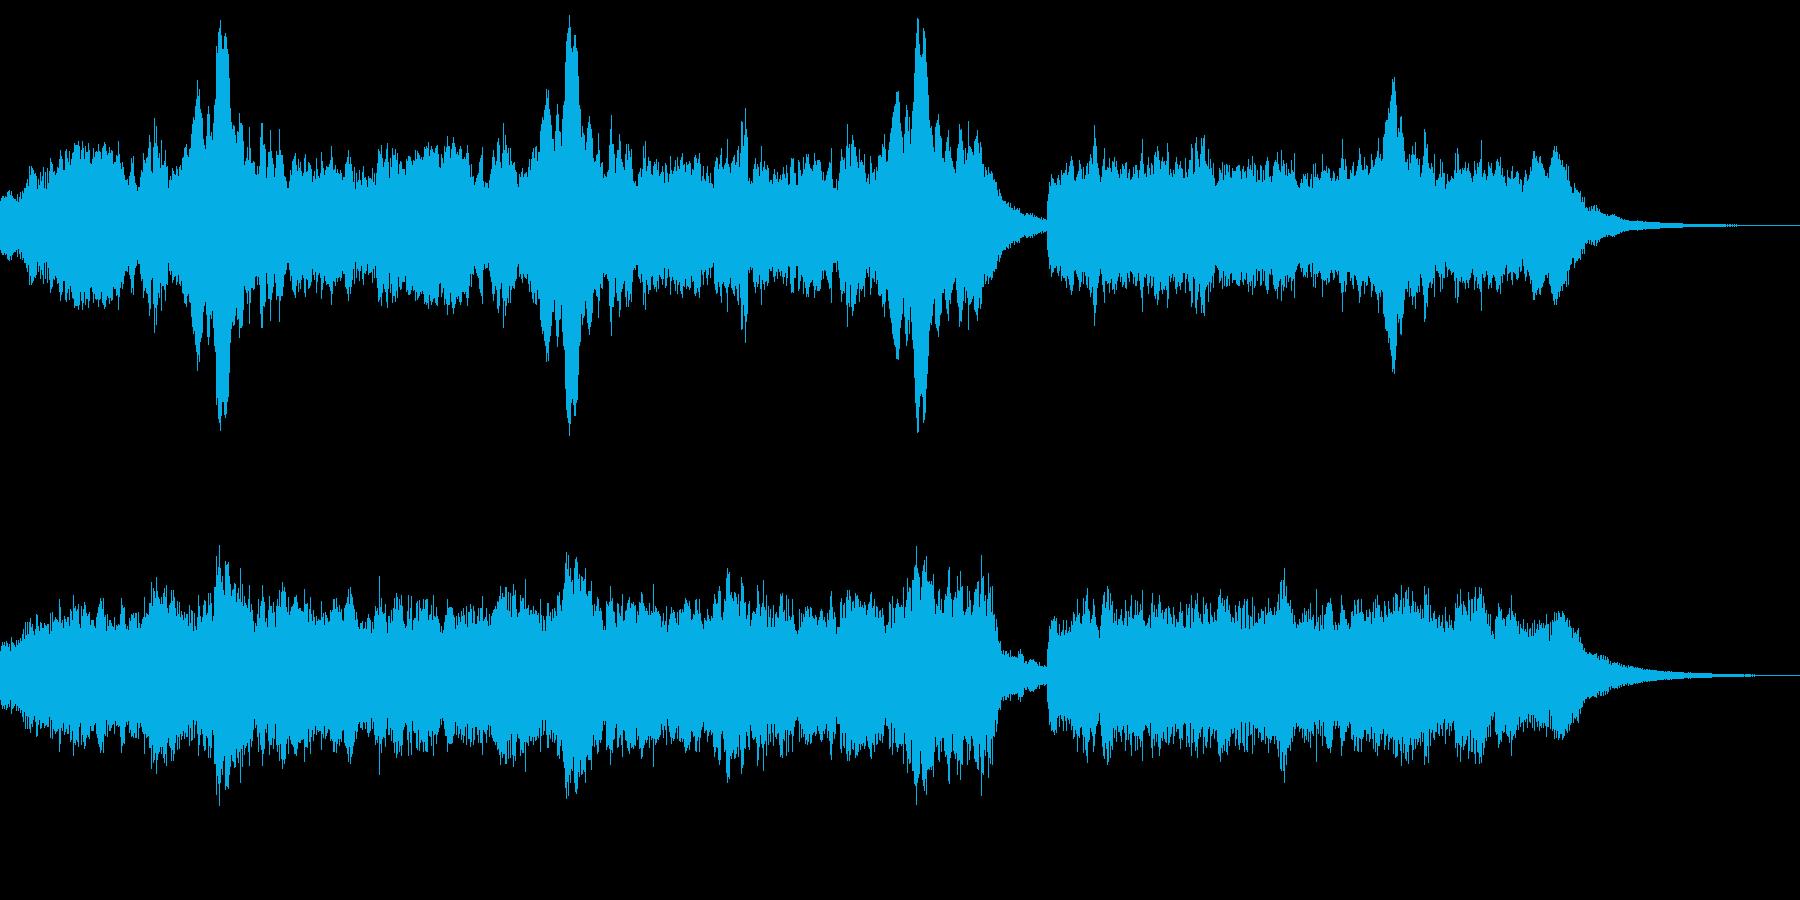 オーボエと管弦楽の切ないジングルの再生済みの波形